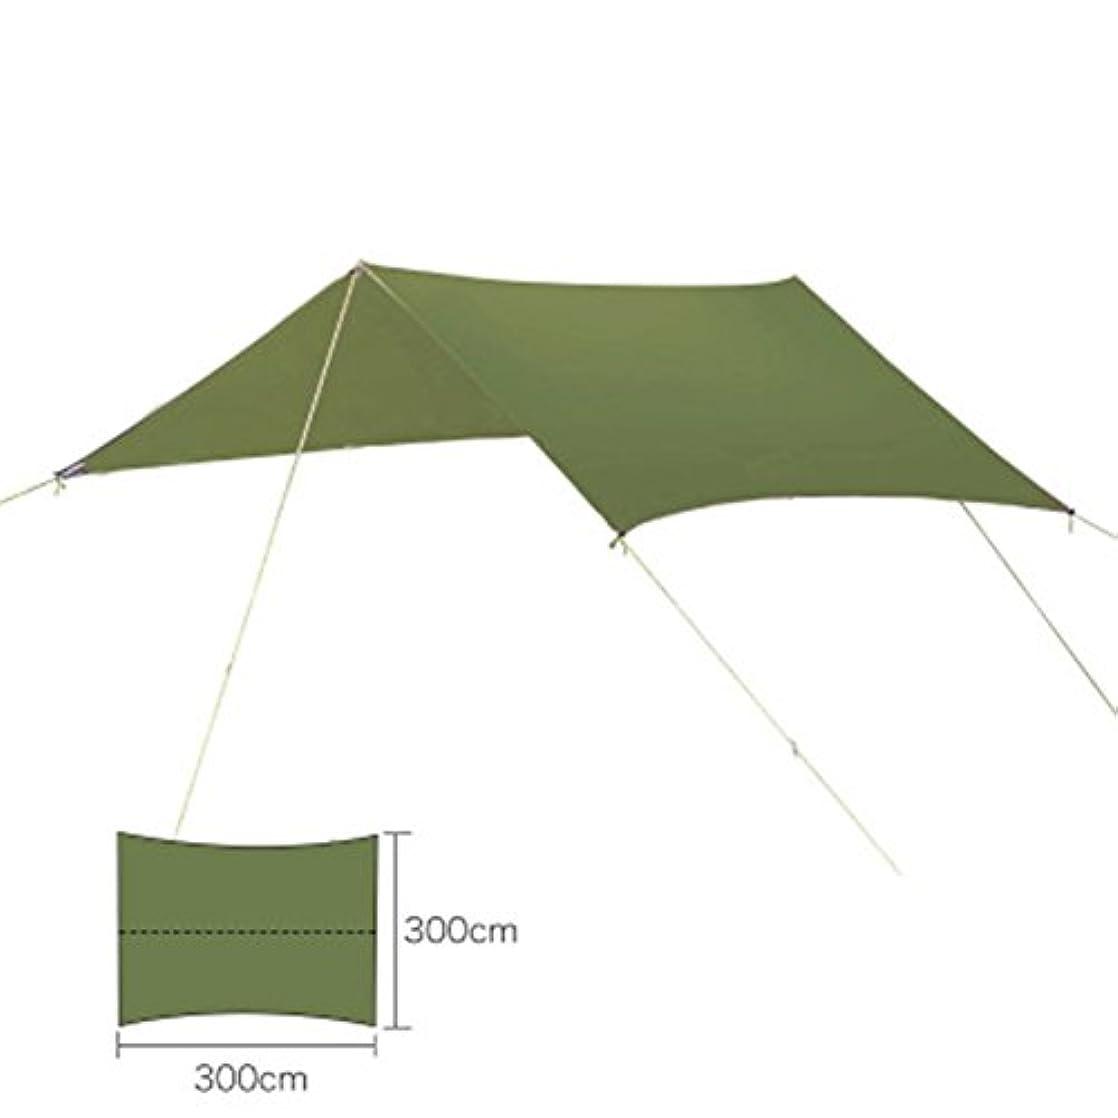 提案する汚物定義300 x 300 cmキャンプテントポータブル軽量ハンモックレインフライテントキャノピーキャンプの間(グリーン)